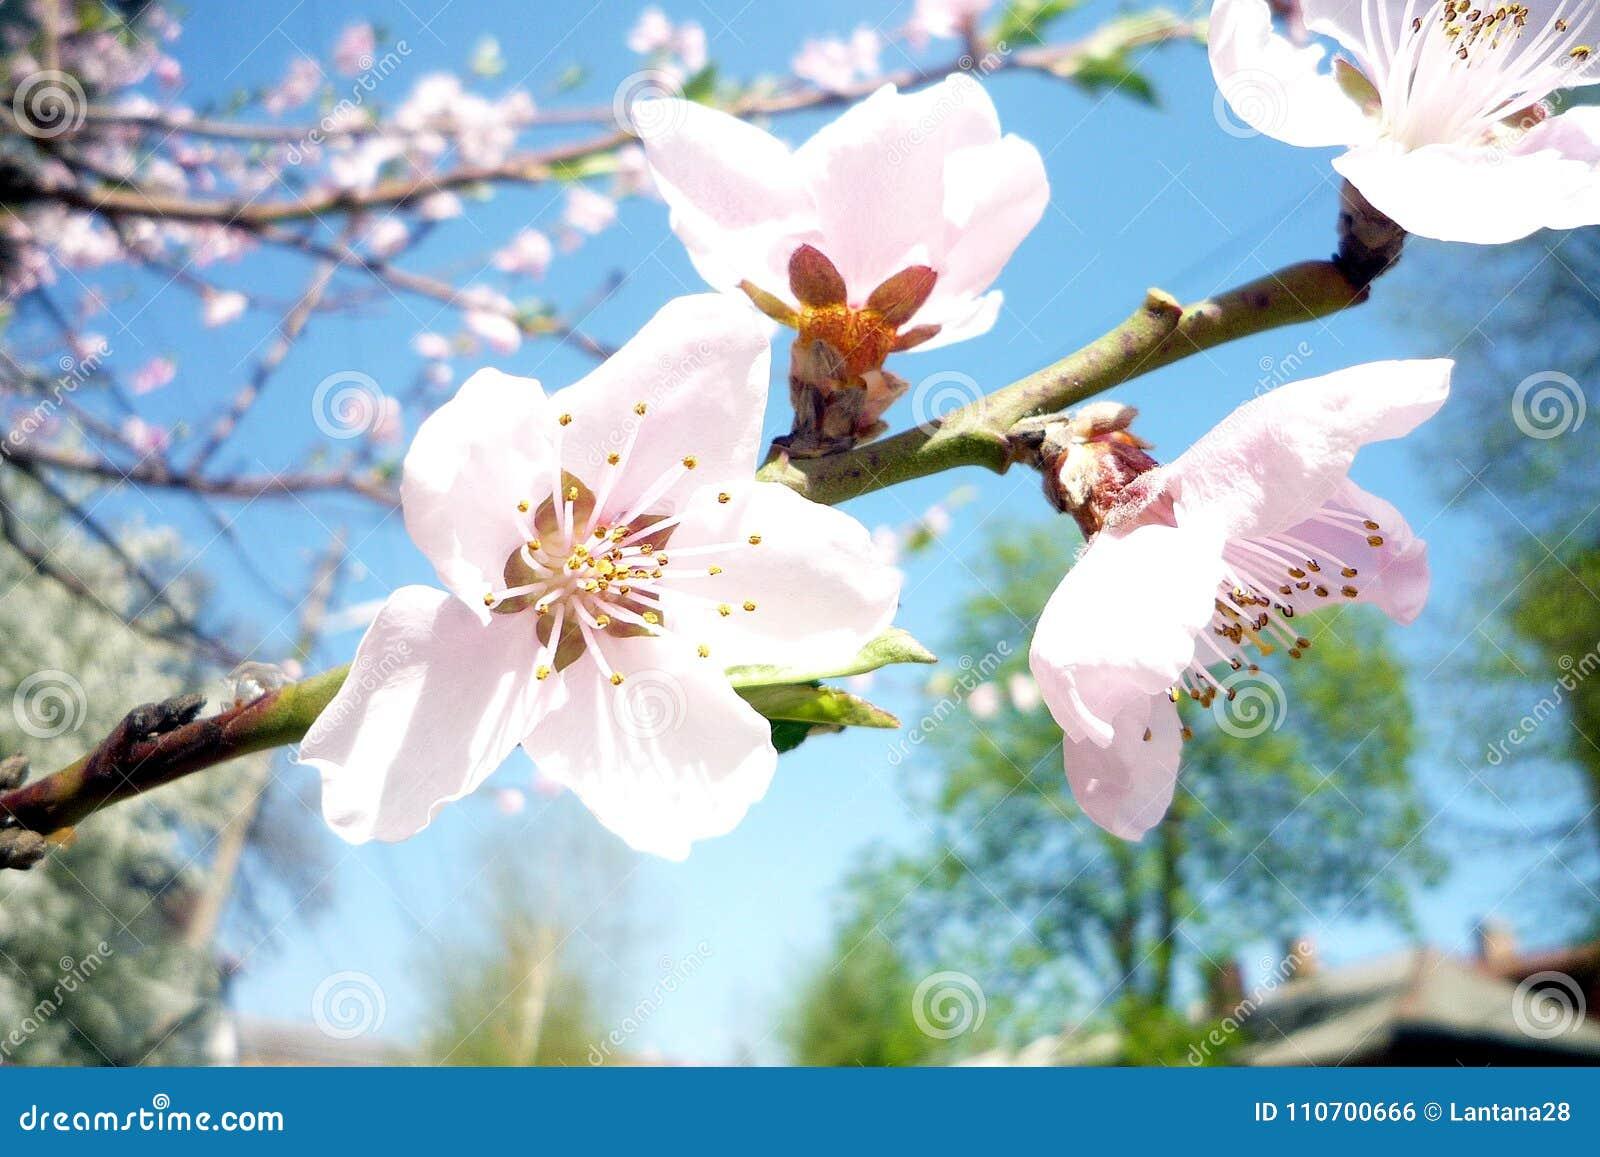 Pfirsichblüte im Frühjahr an einem sonnigen Tag